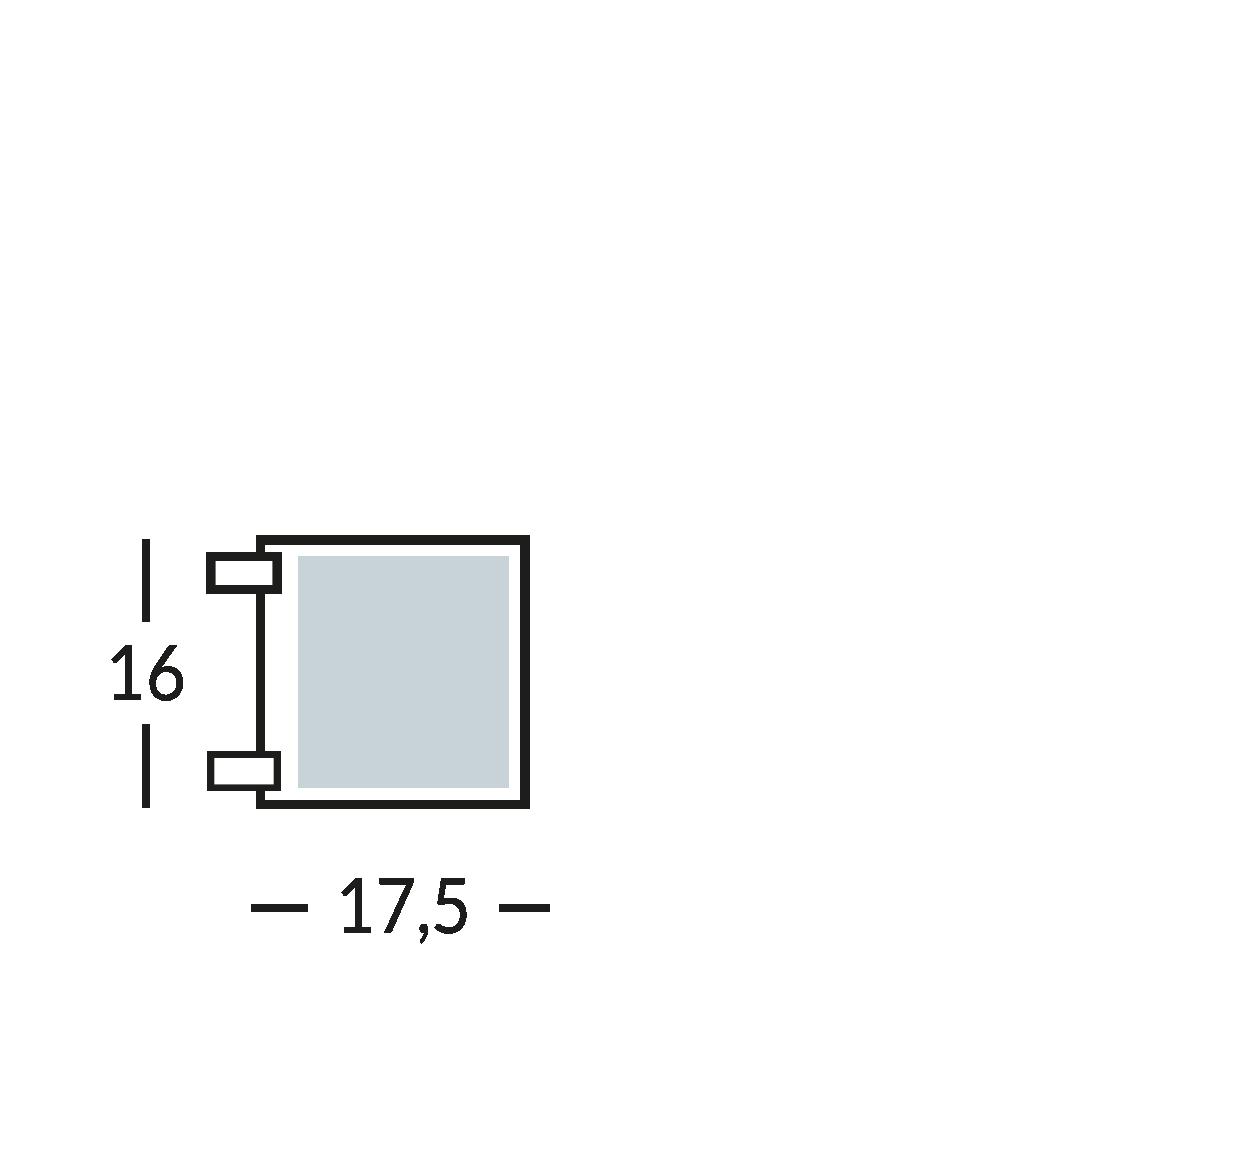 Placa con símbolo para normas de seguridad y contra incendios de dos caras. Distancia máxima de lectura 6 m.